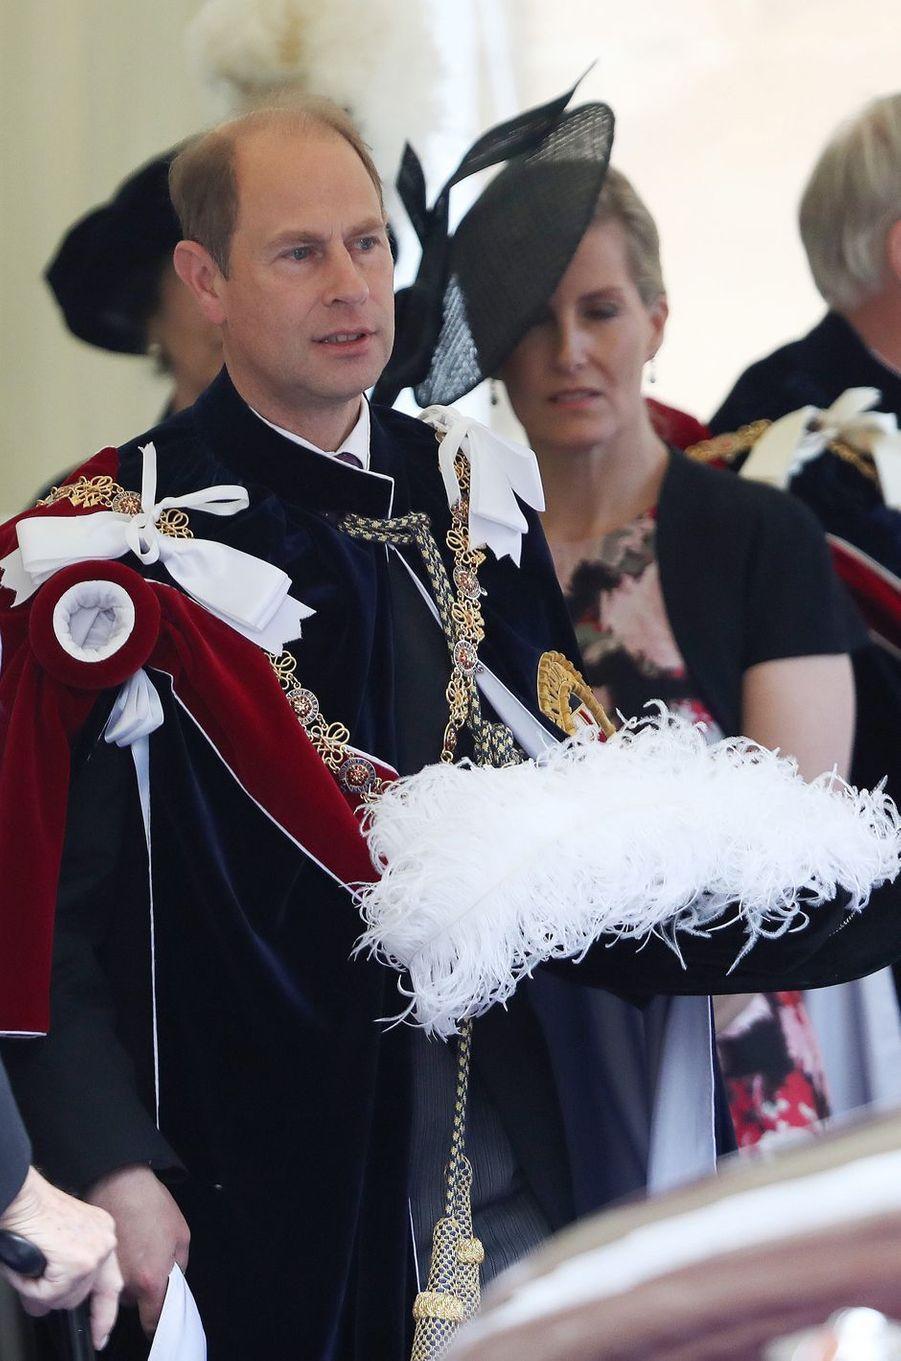 La prince Edward et la comtesse Sophie de Wessex à Windsor, le 13 juin 2016